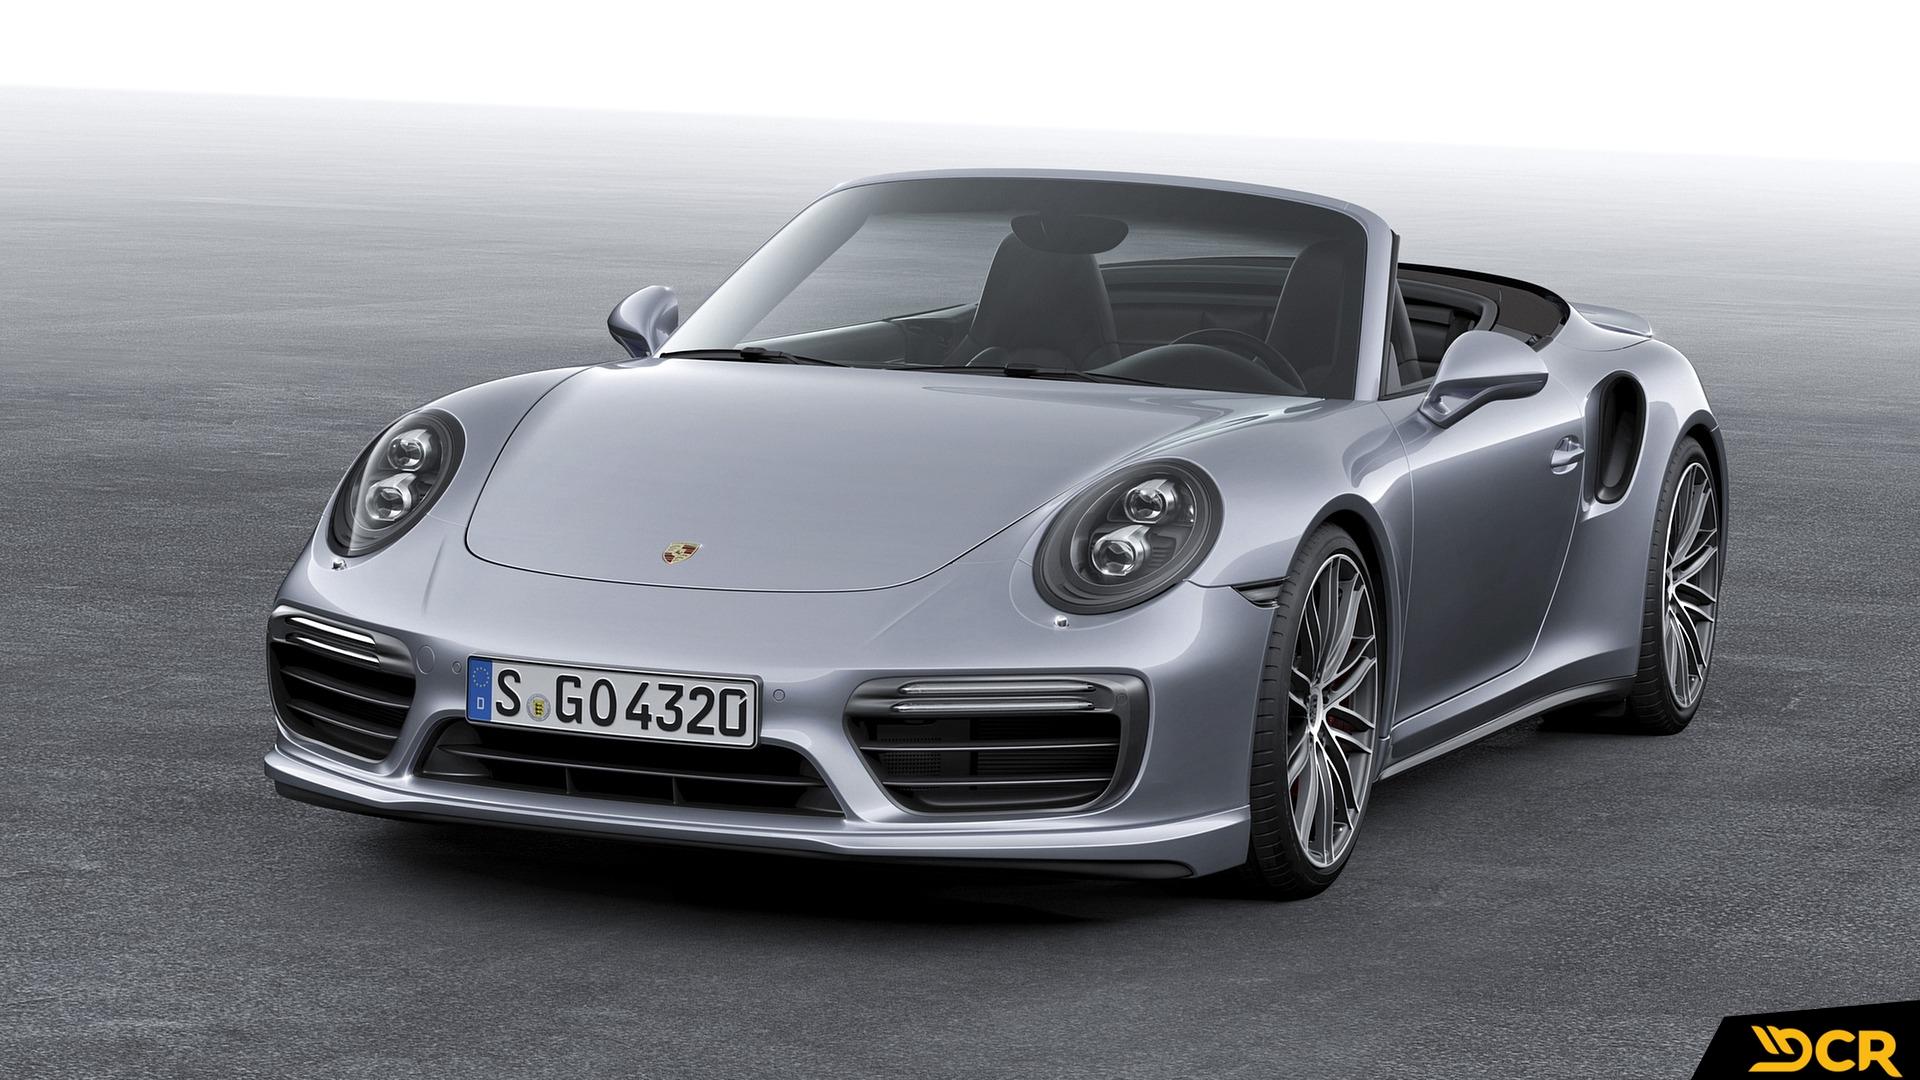 كراء سيارة PORSCHE 911 Turbo Cabriolet في دبي